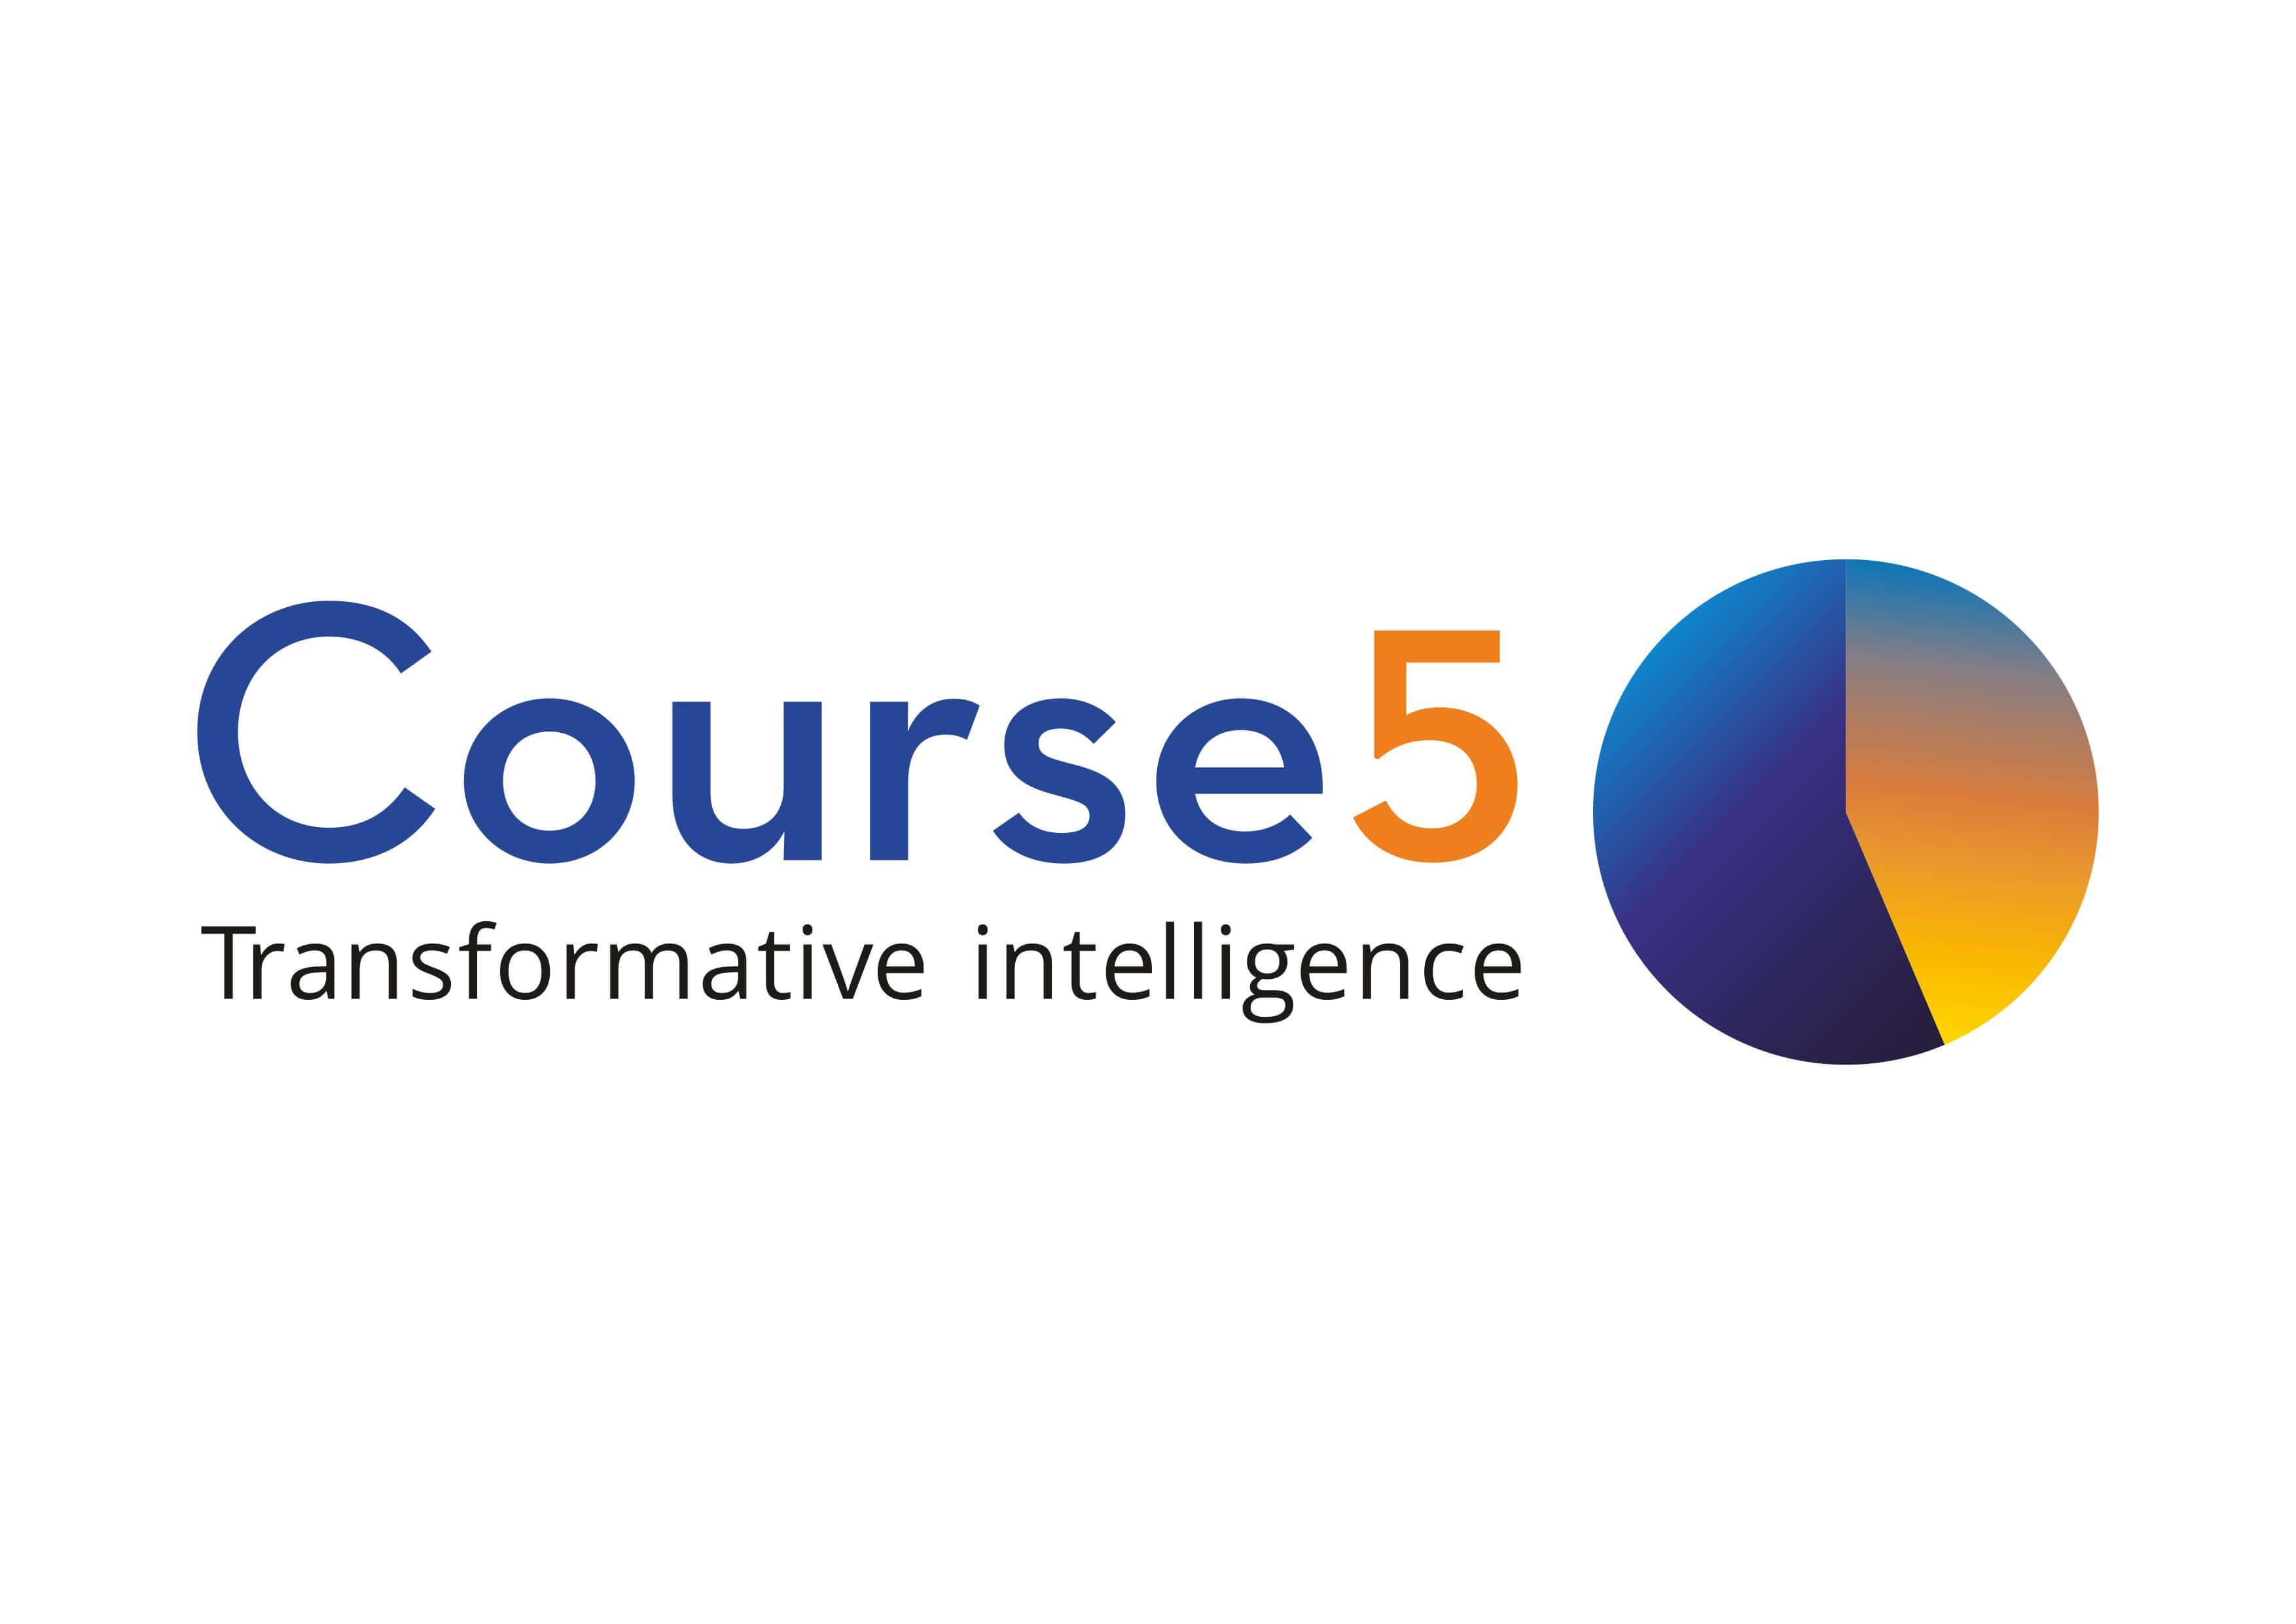 Course5